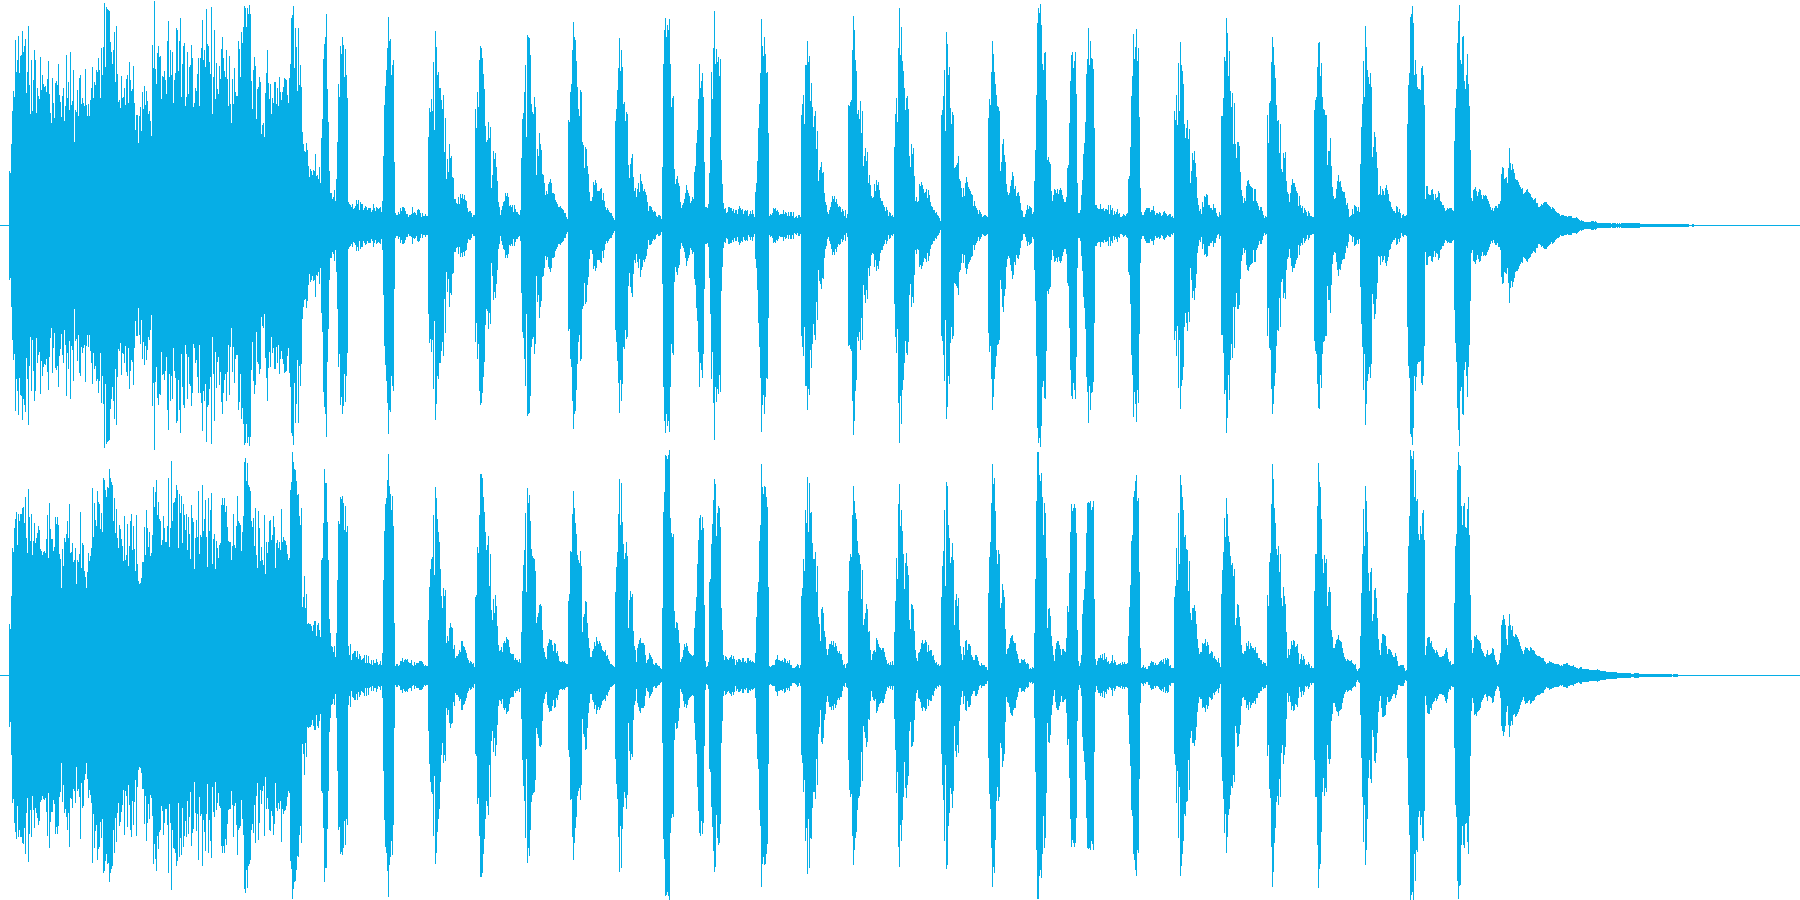 物事の雰囲気を表現するショートソングの再生済みの波形